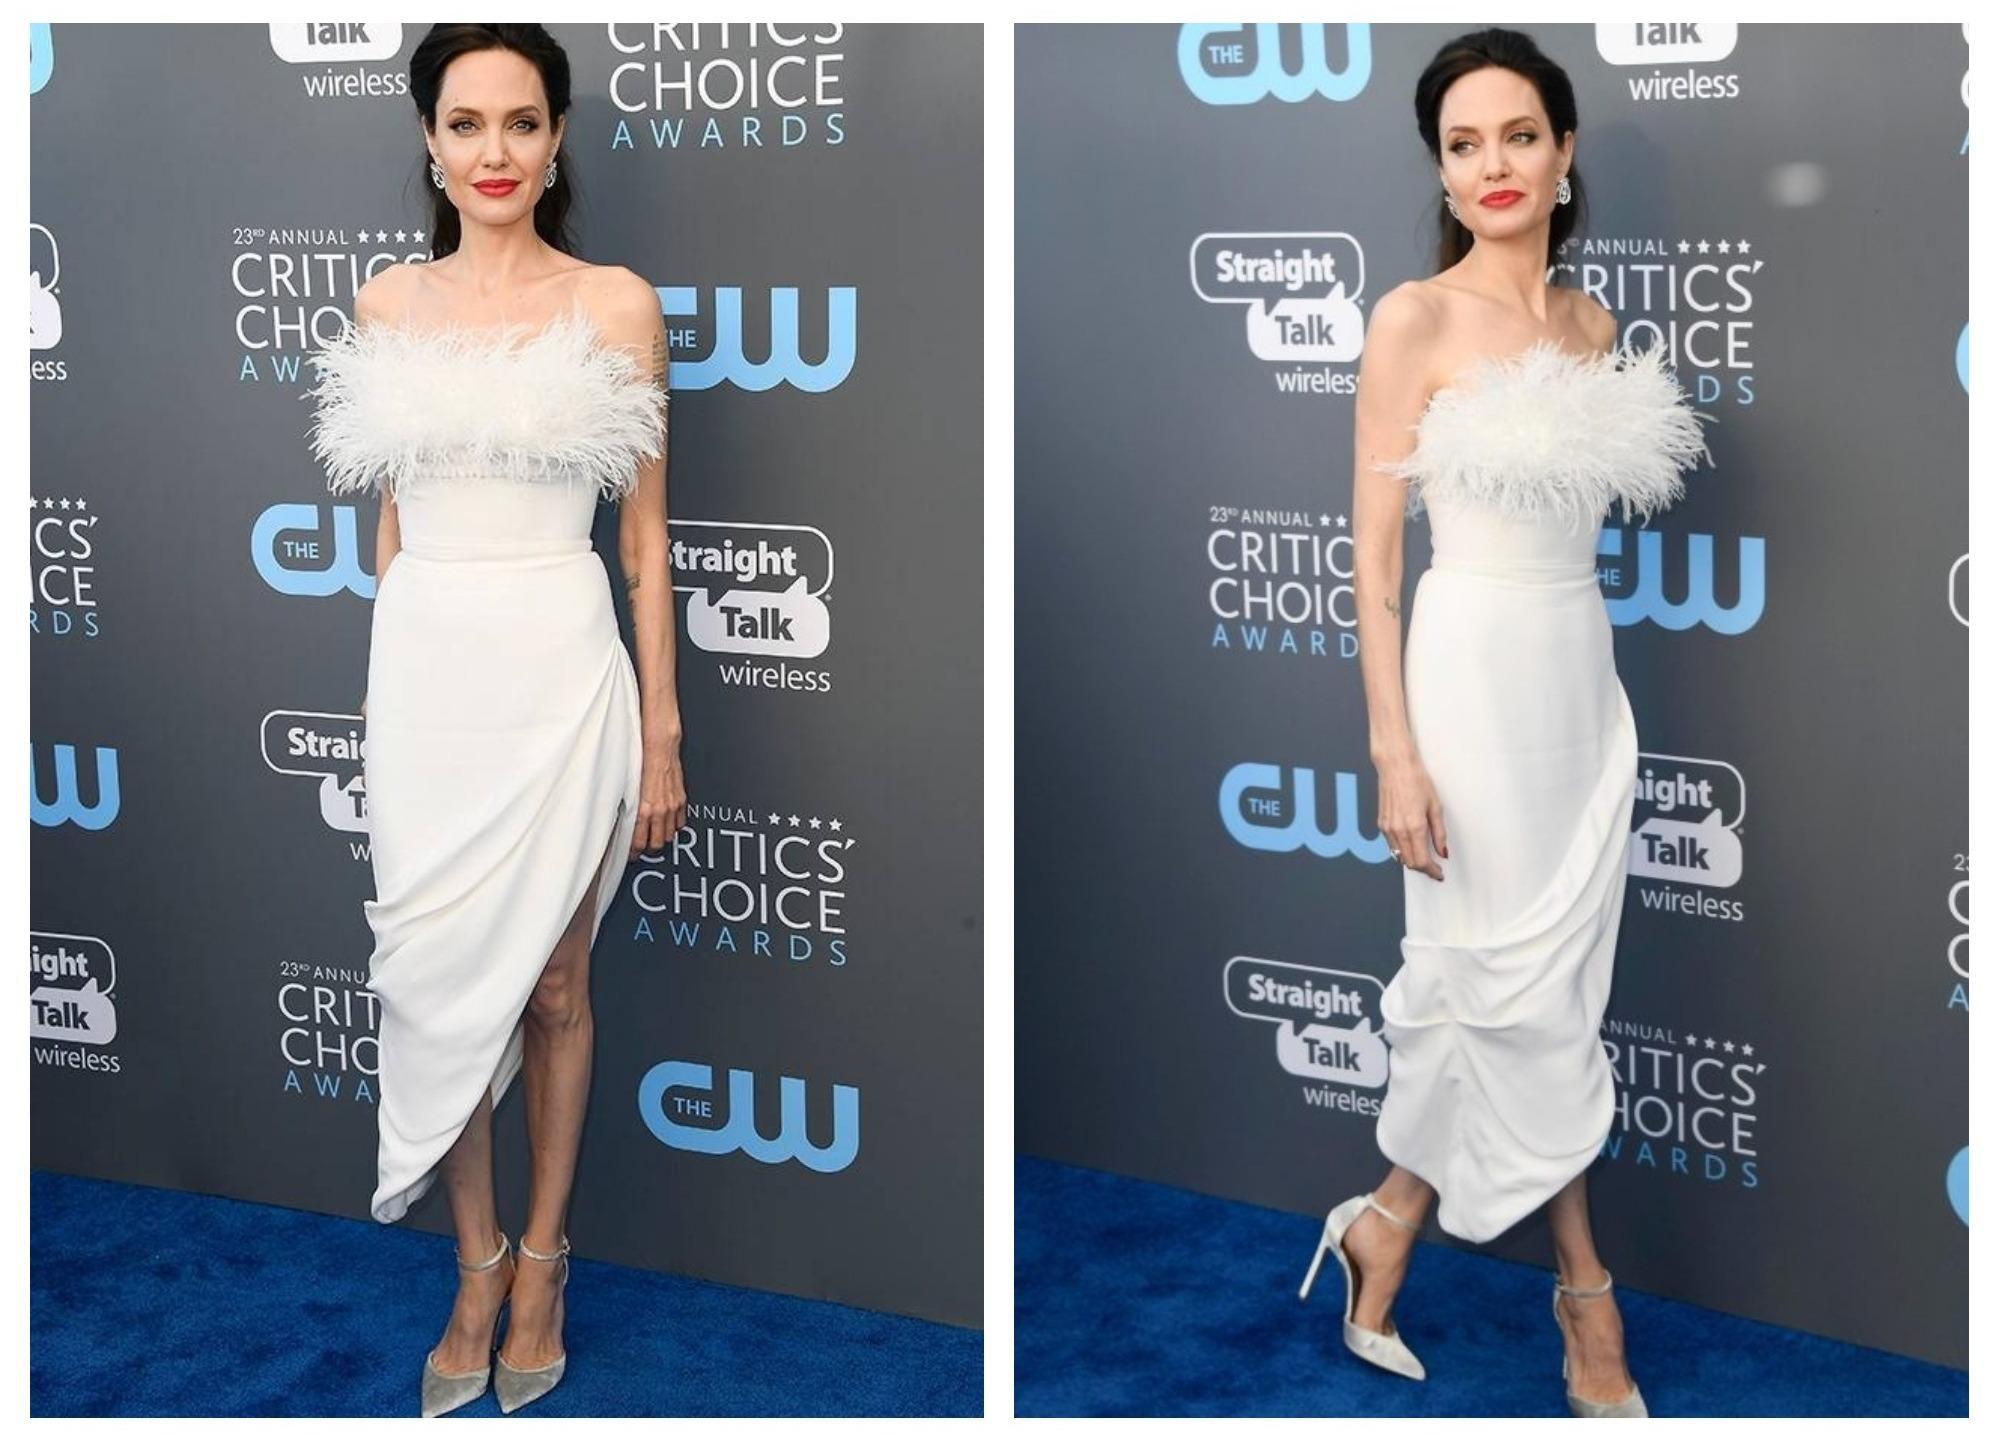 Словно невеста: Анджелина Джоли вновь затмила всех на красной дорожке – ФОТО